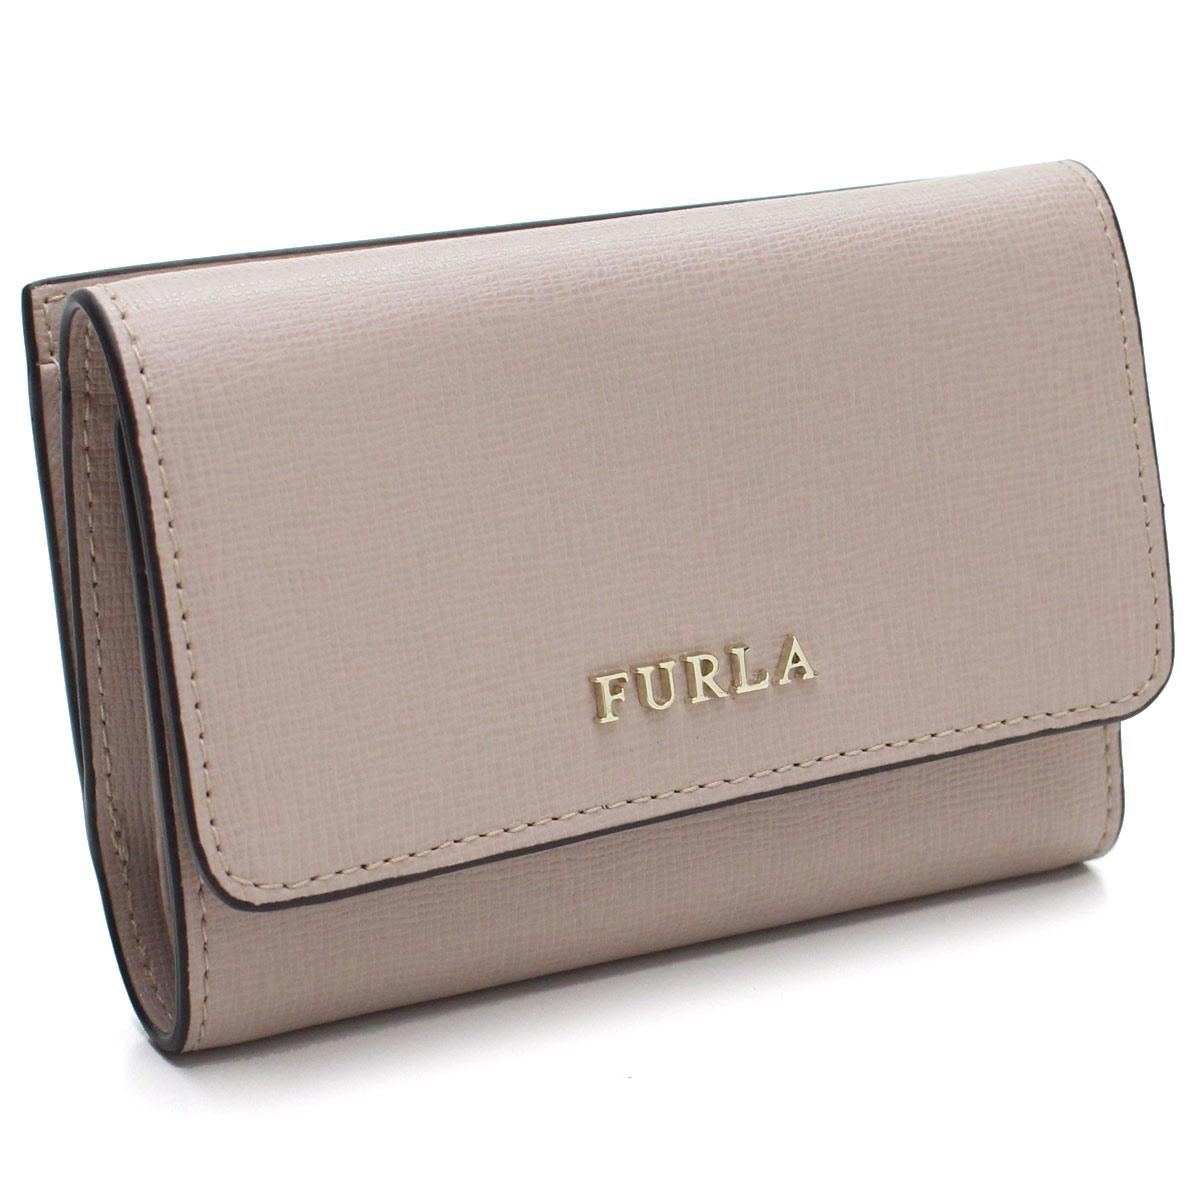 フルラ FURLA BABYLON コンパクト 3つ折り財布 PR76 992591 B30 TUK DALIA ピンク系 レディース